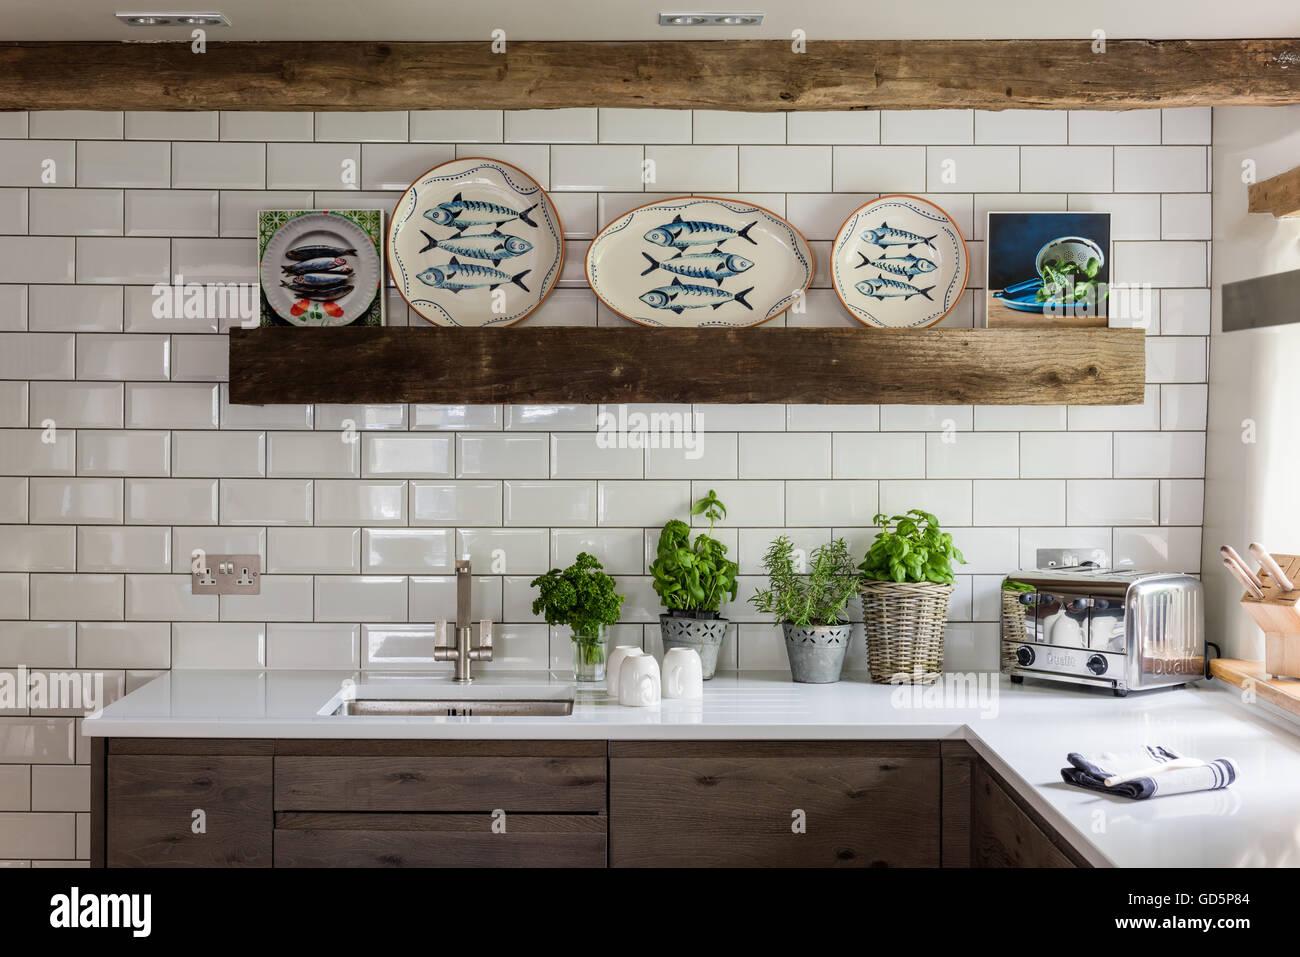 Pesce decorativo piastre da wendy bray in cucina con metro bianco